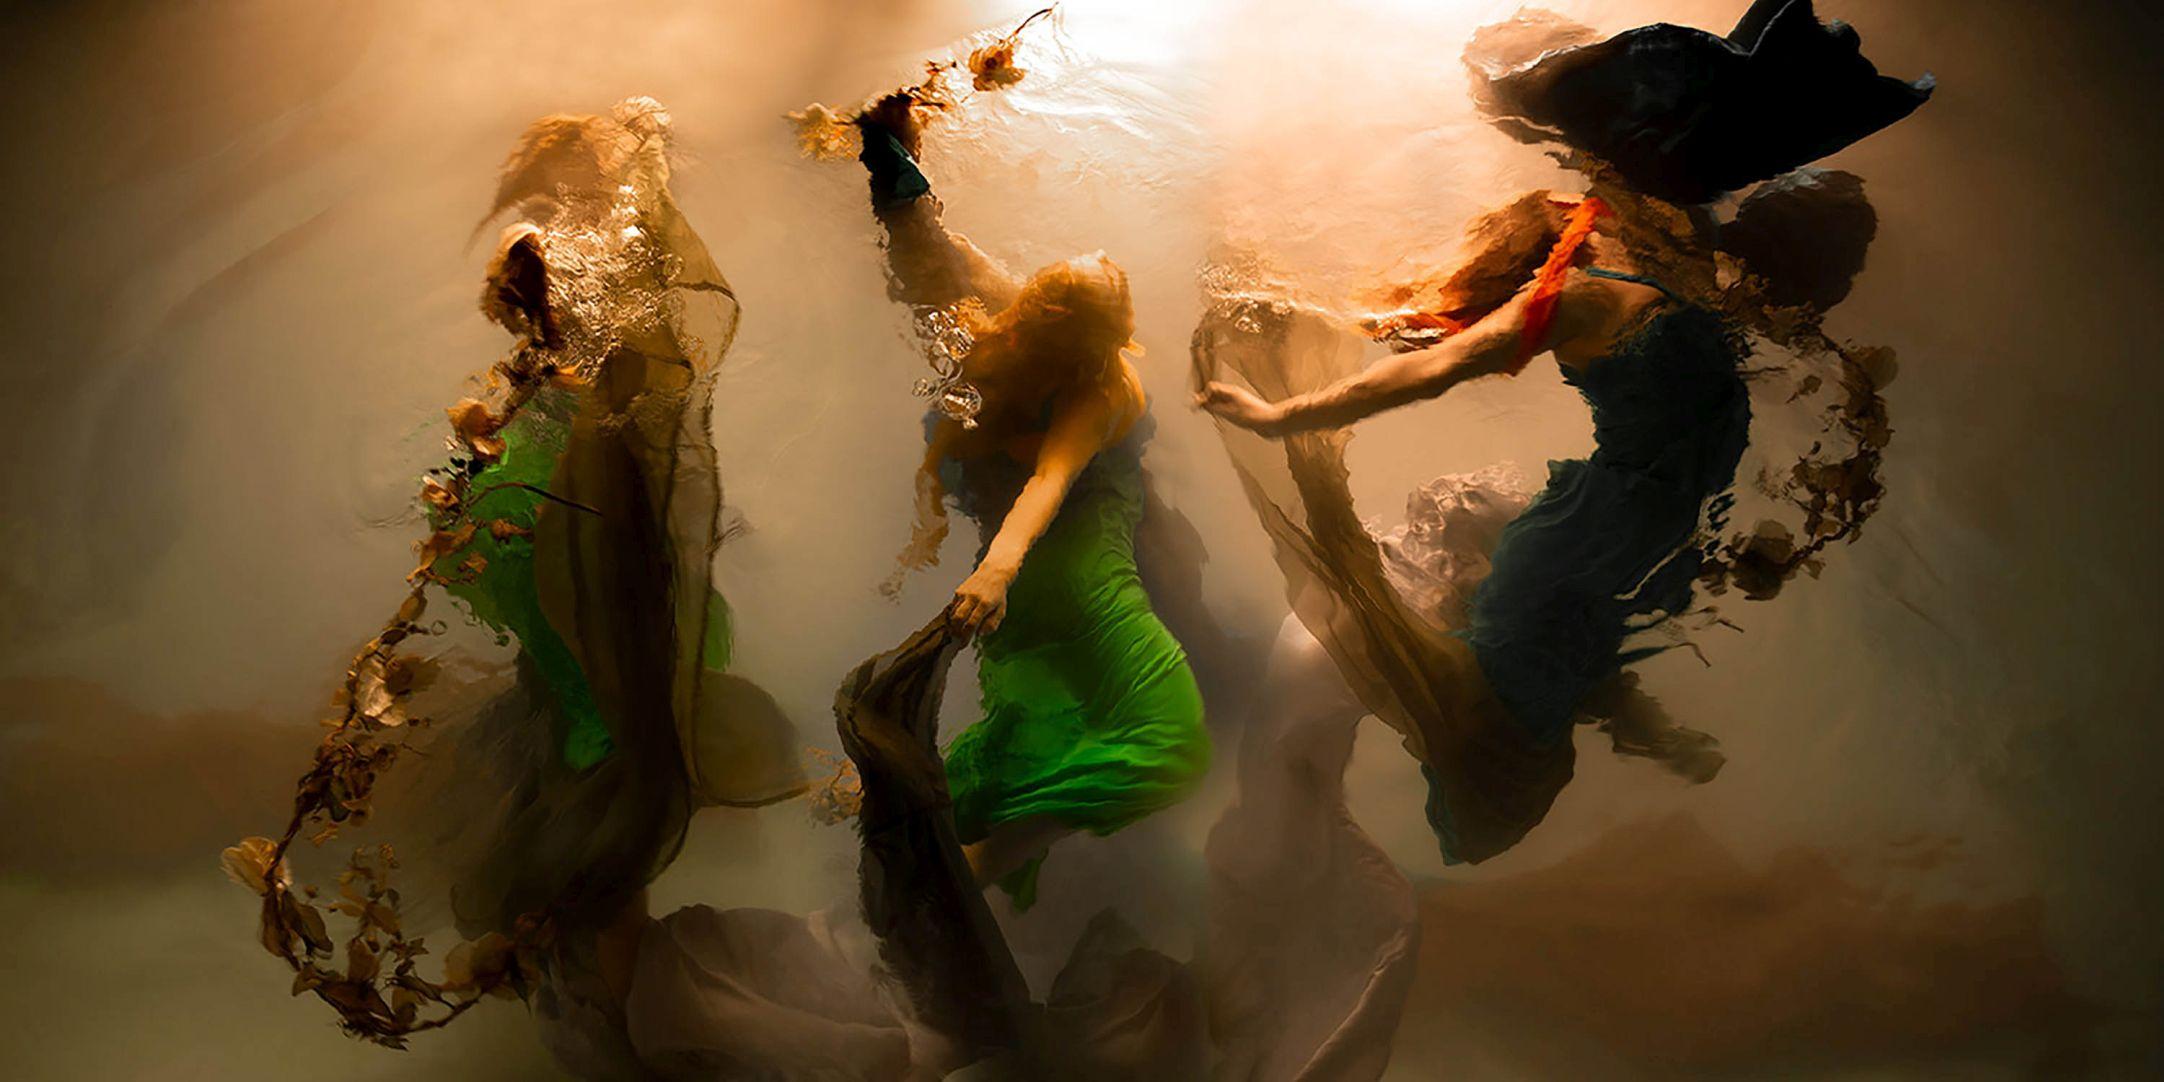 ©Christy Lee Rogers, Metamorphosis